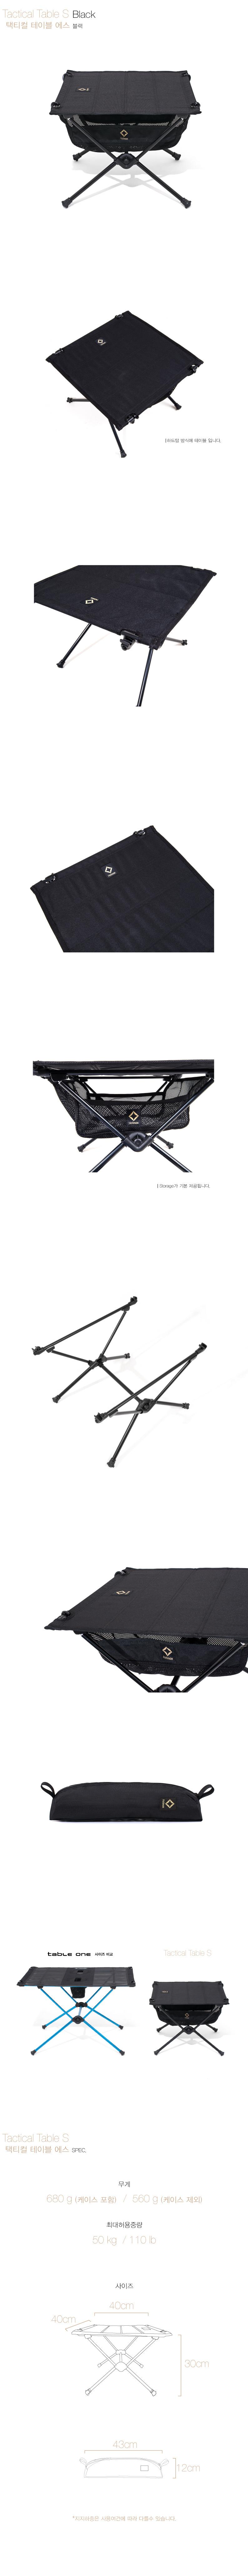 헬리녹스(HELINOX) 택티컬 테이블 - 블랙